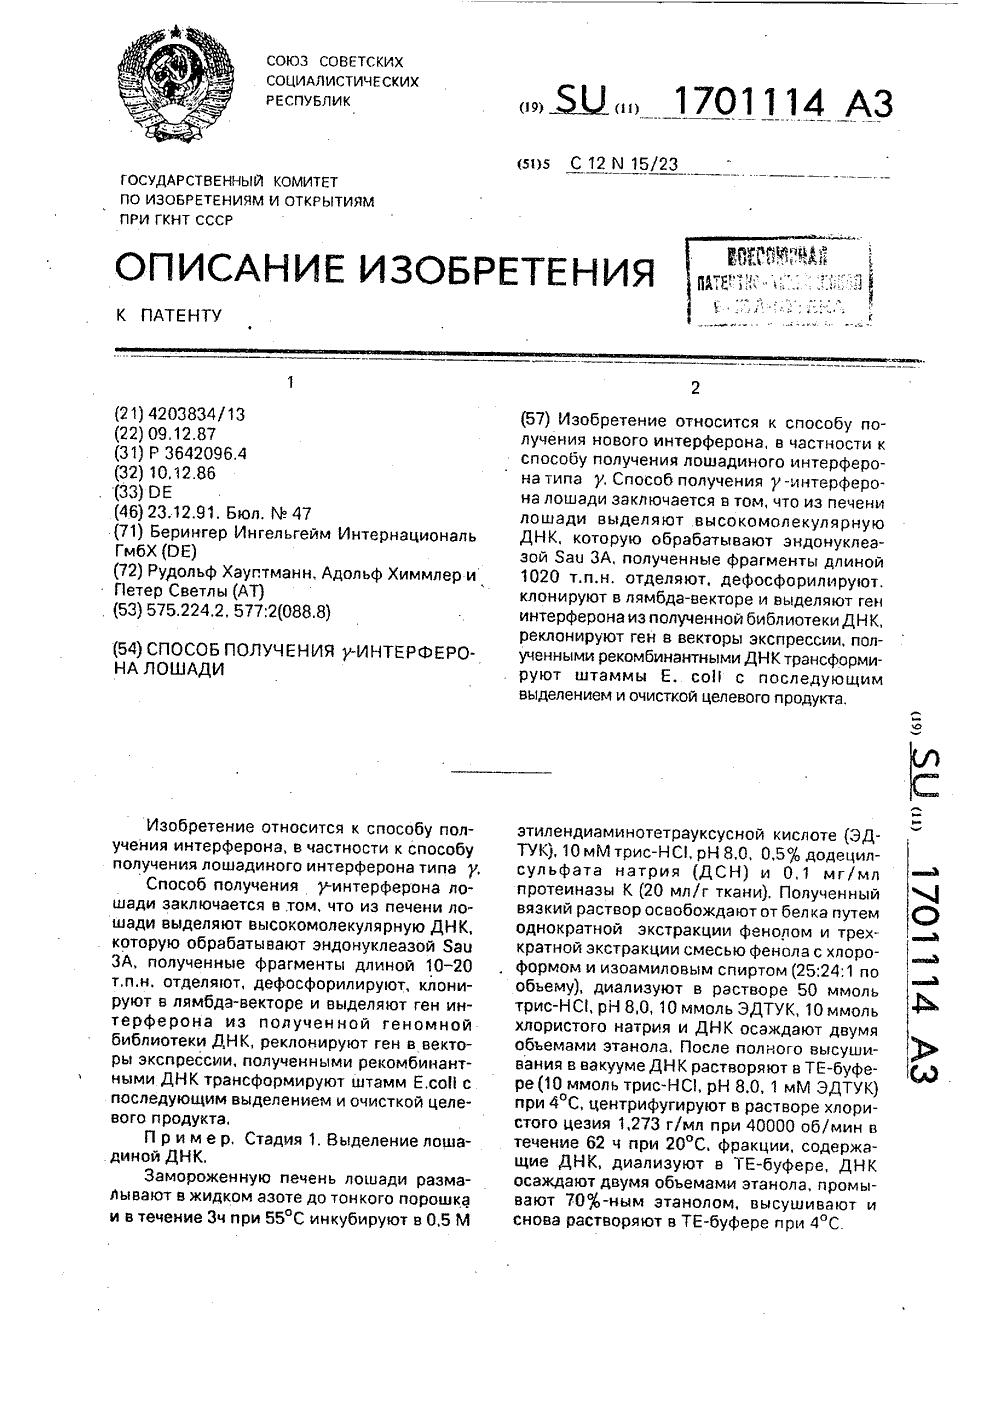 Фибринолитический